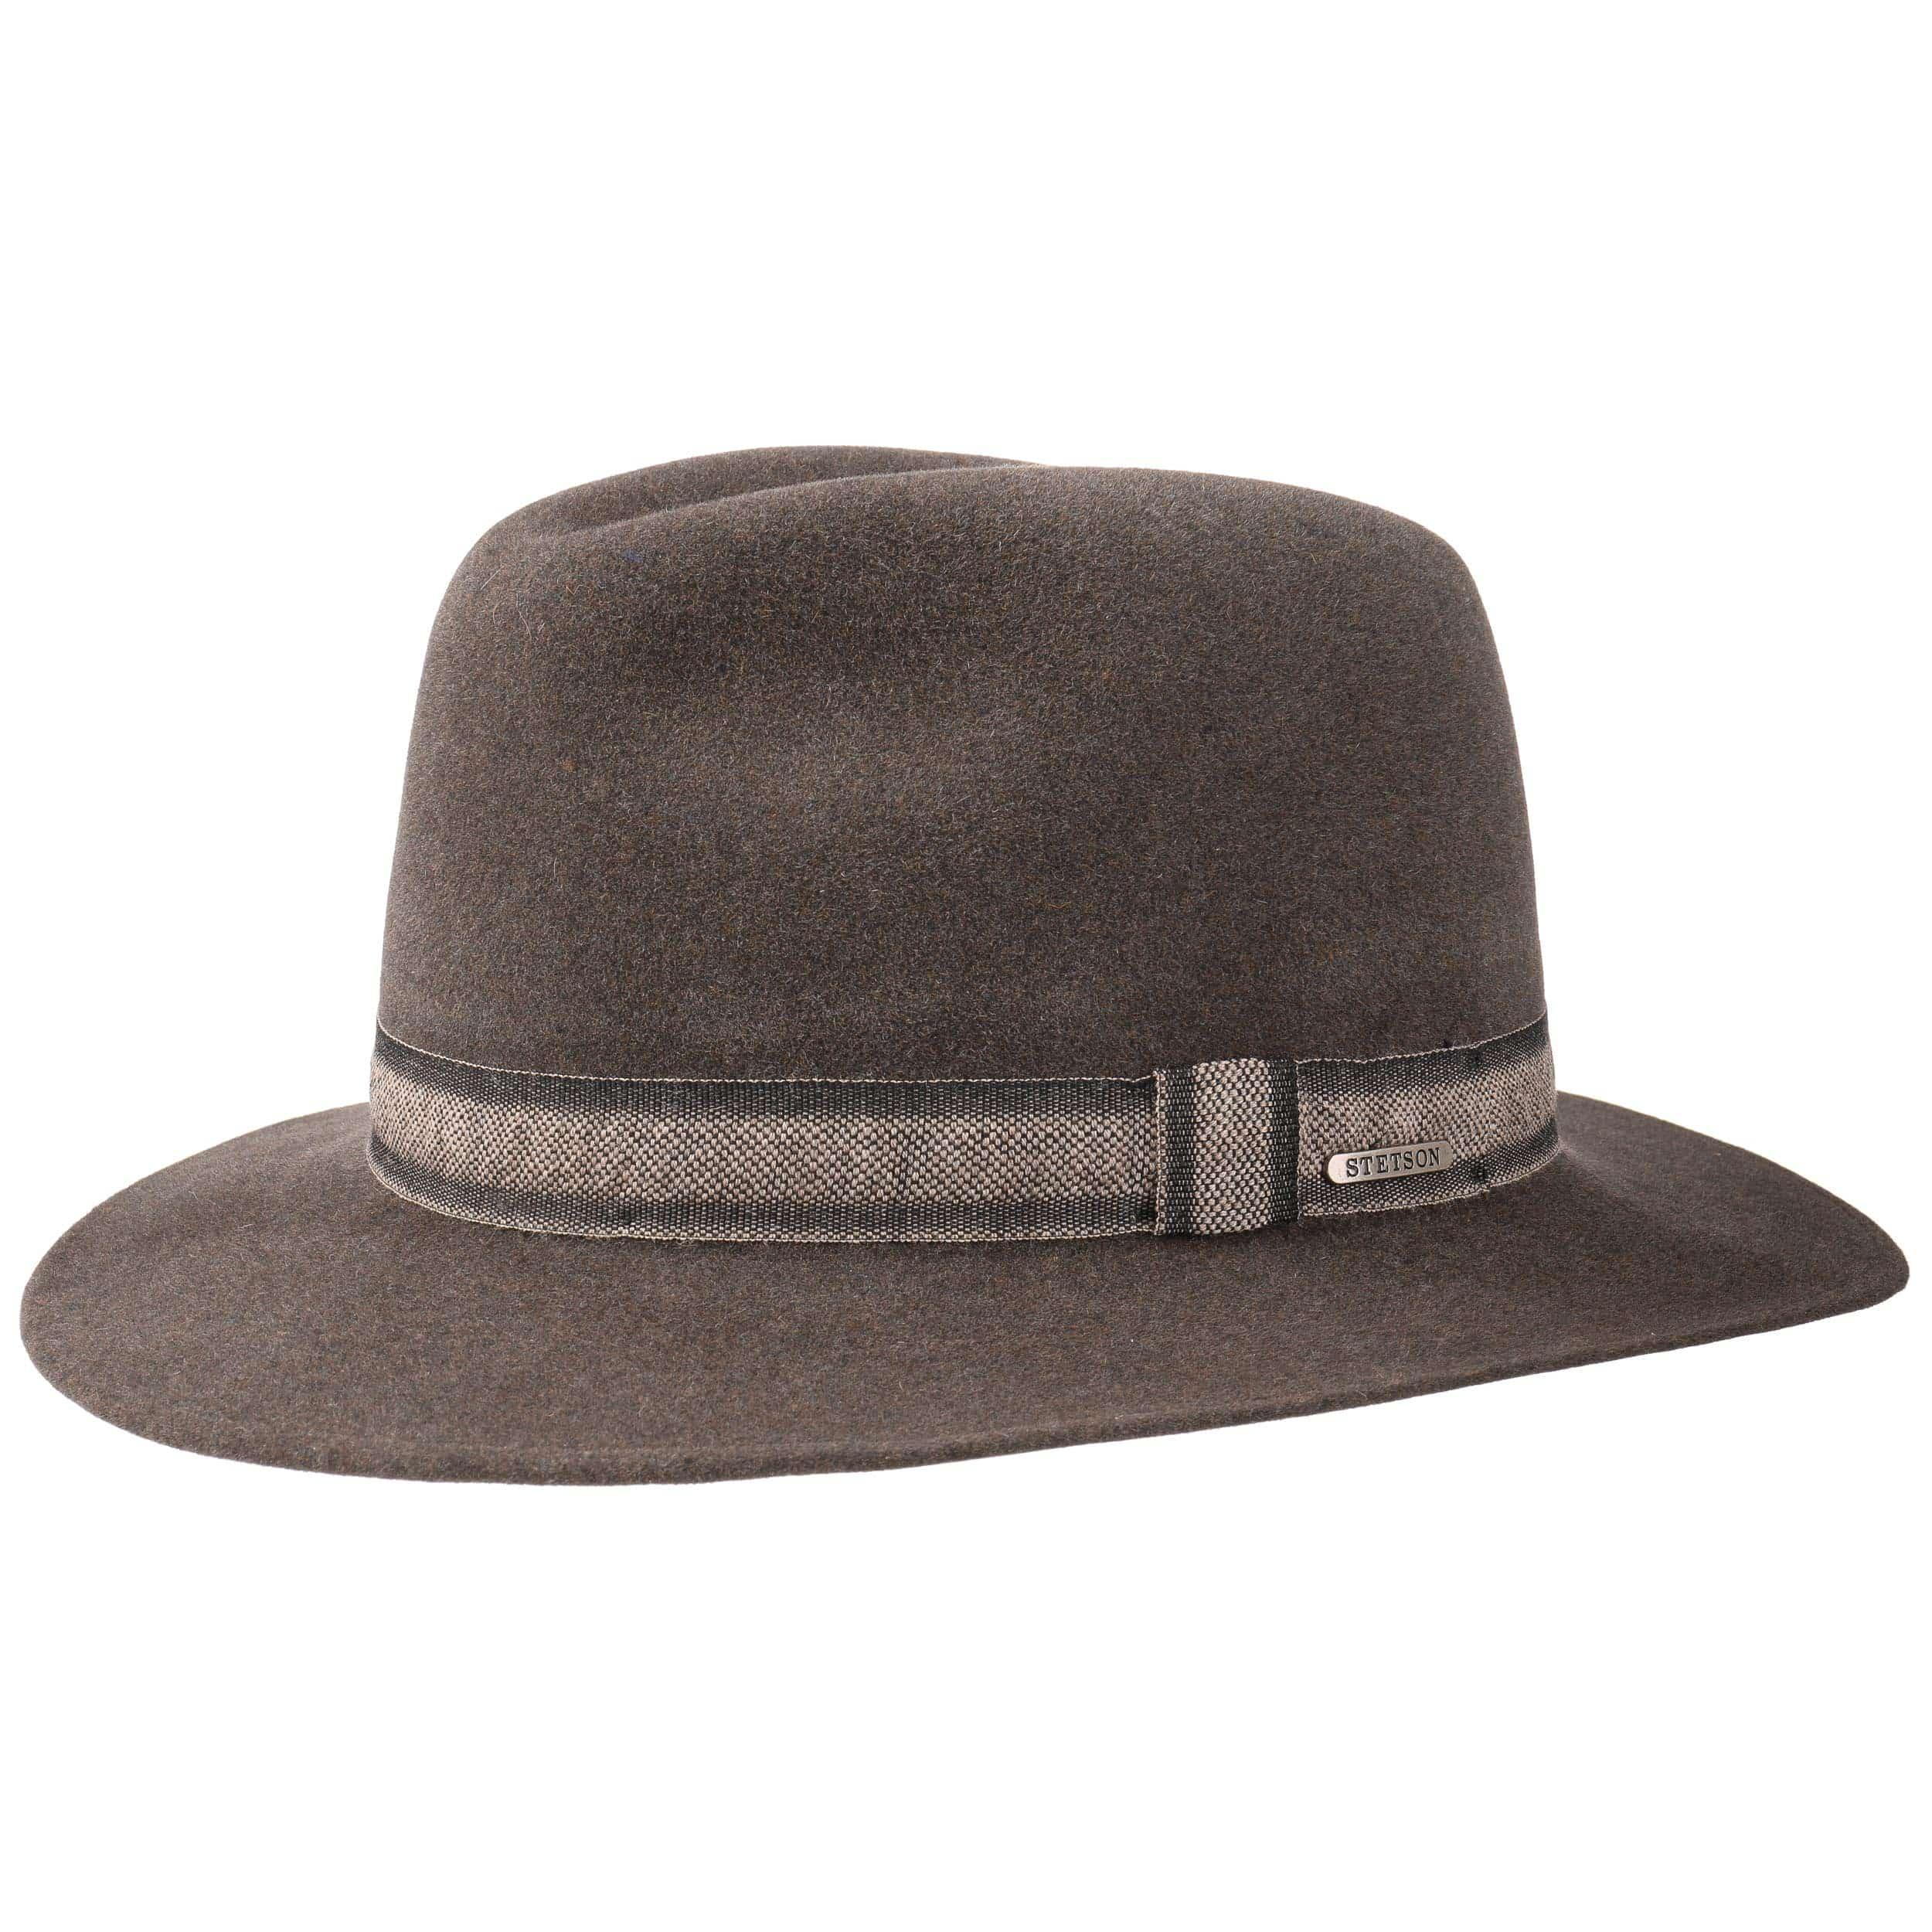 suchen gut sehen Pearl Fur Felt Hat by Stetson